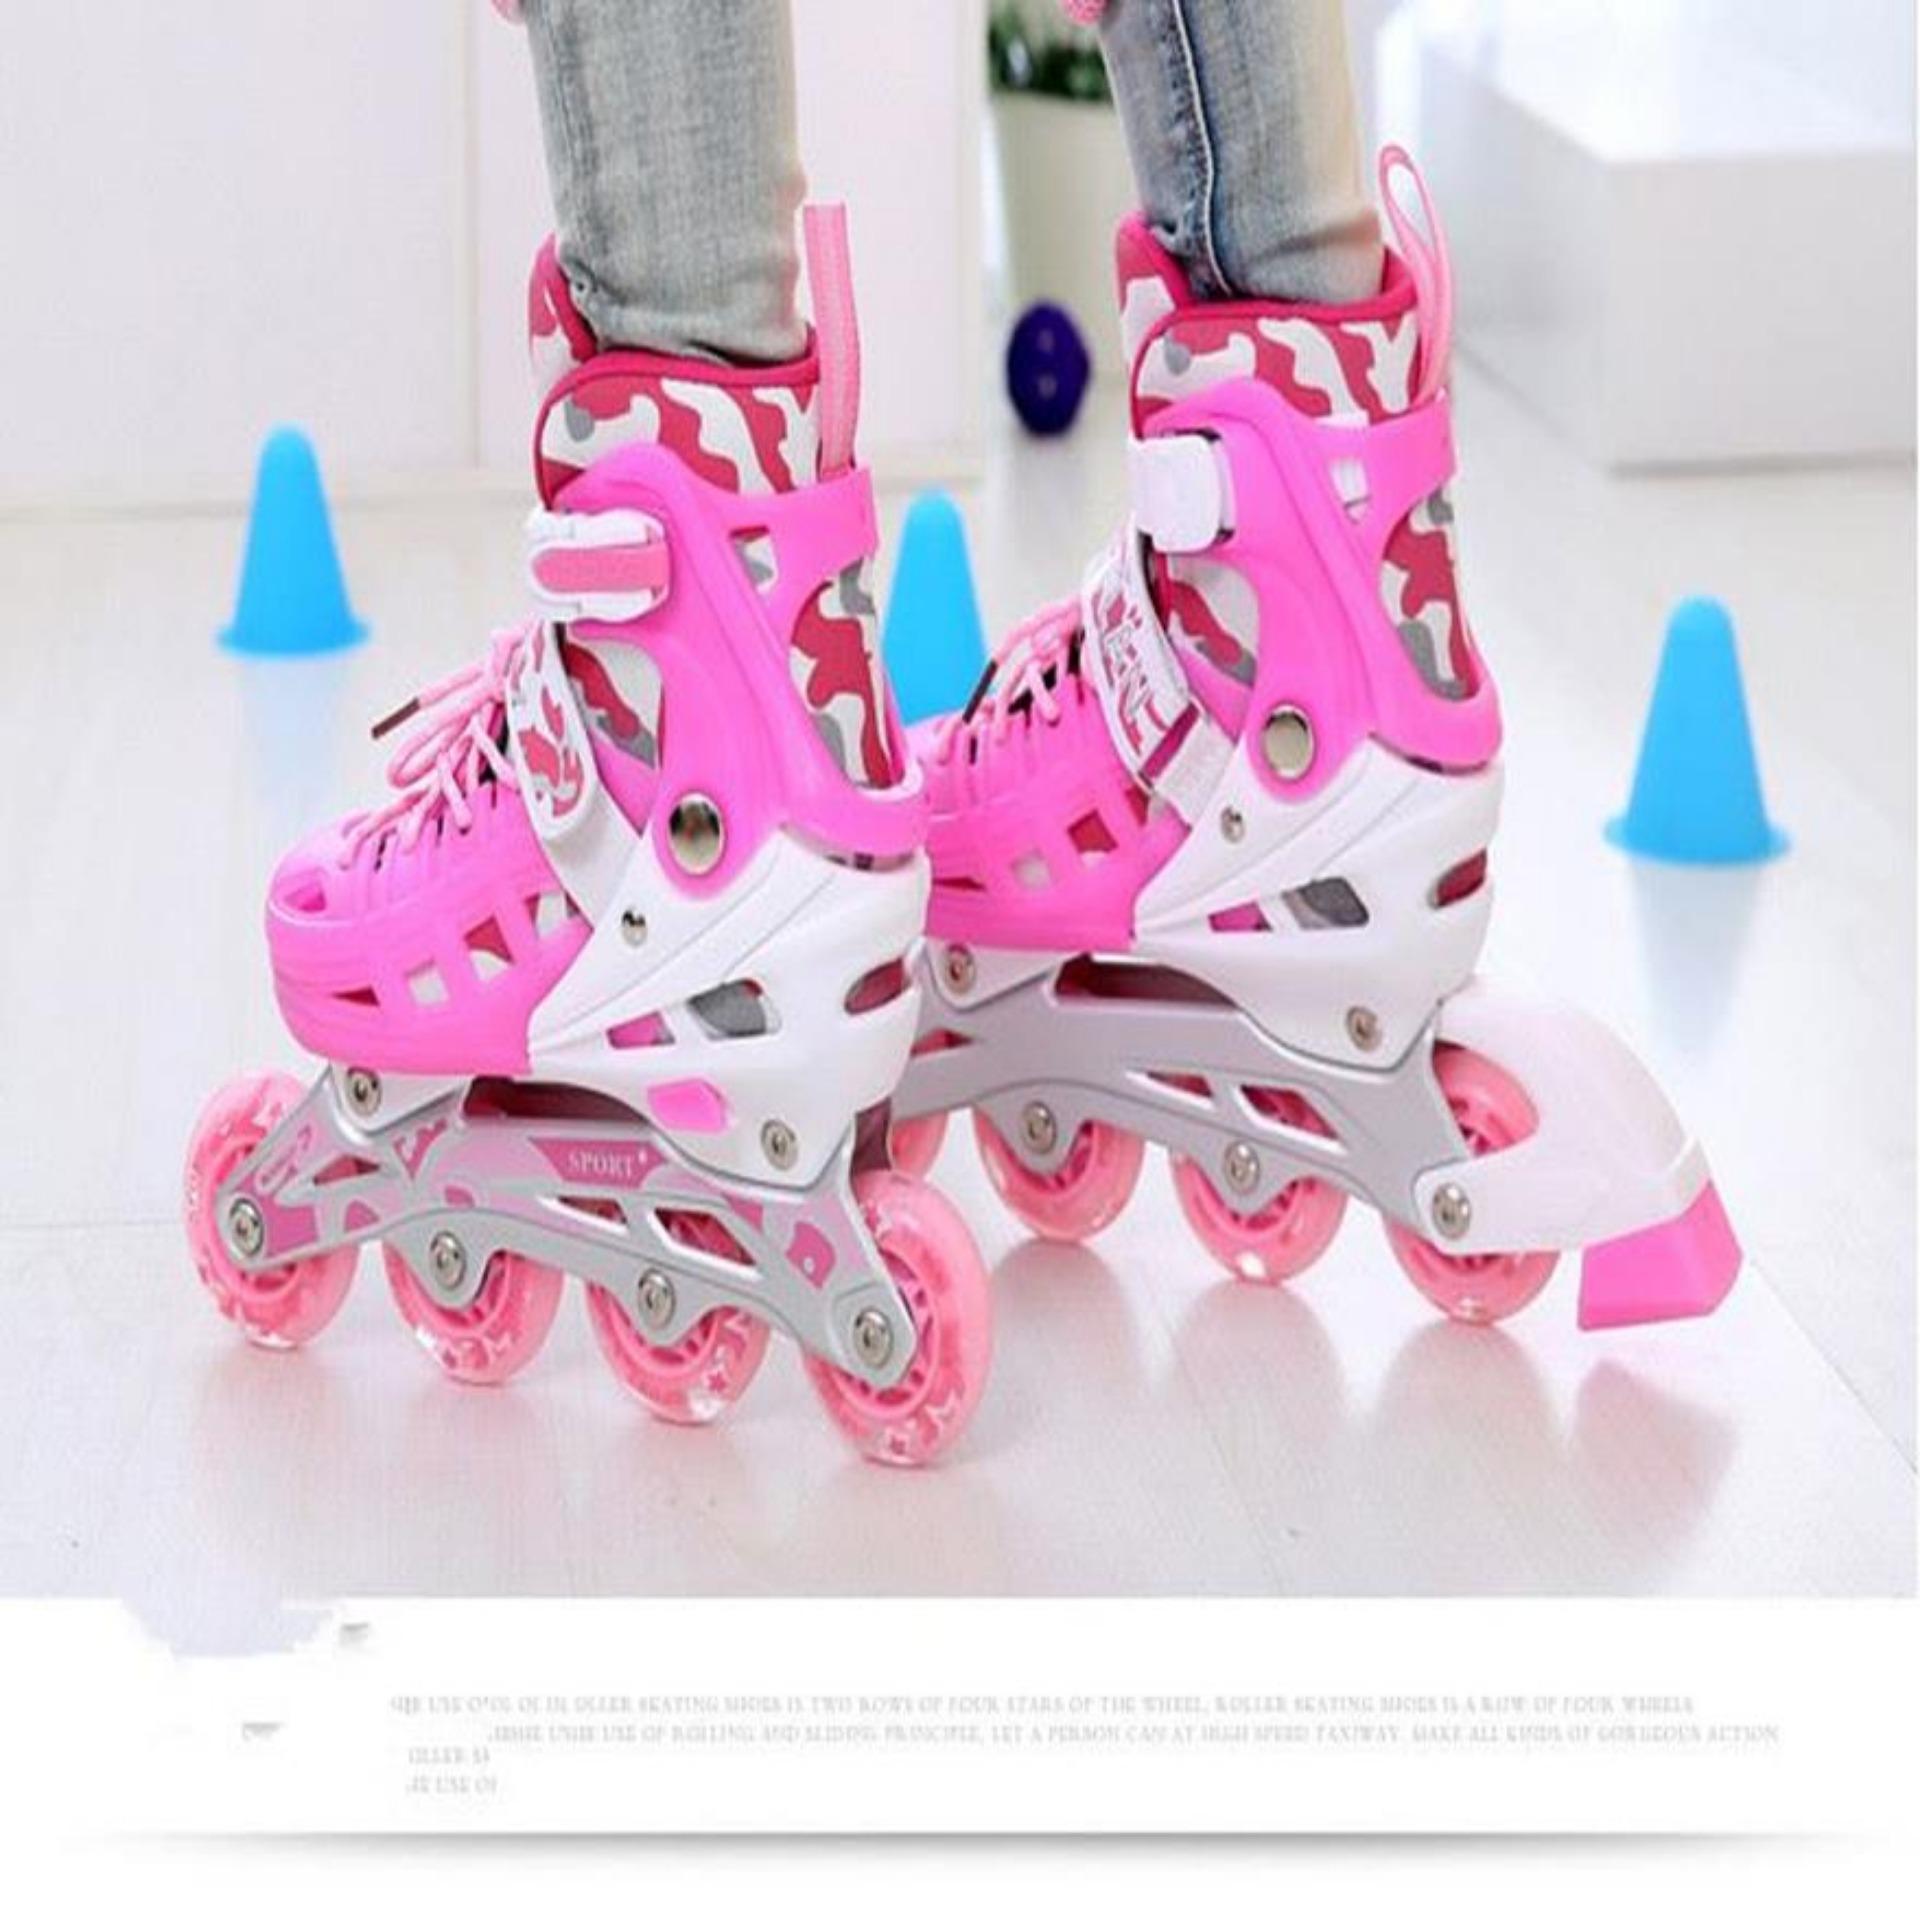 Giày Nhập Khẩu,Đôi Giày Trượt Patin,Giày Patin Trẻ Em Tặng Mũ Và Đồ Bảo Hộ,Thiết Kế Ôm Chân, Chắc Chắn, Kiểu Dáng Trẻ Trung Giúp Cho Người Chơi Cảm Giác Đôi Chân Thoải Mái Khi Trượt